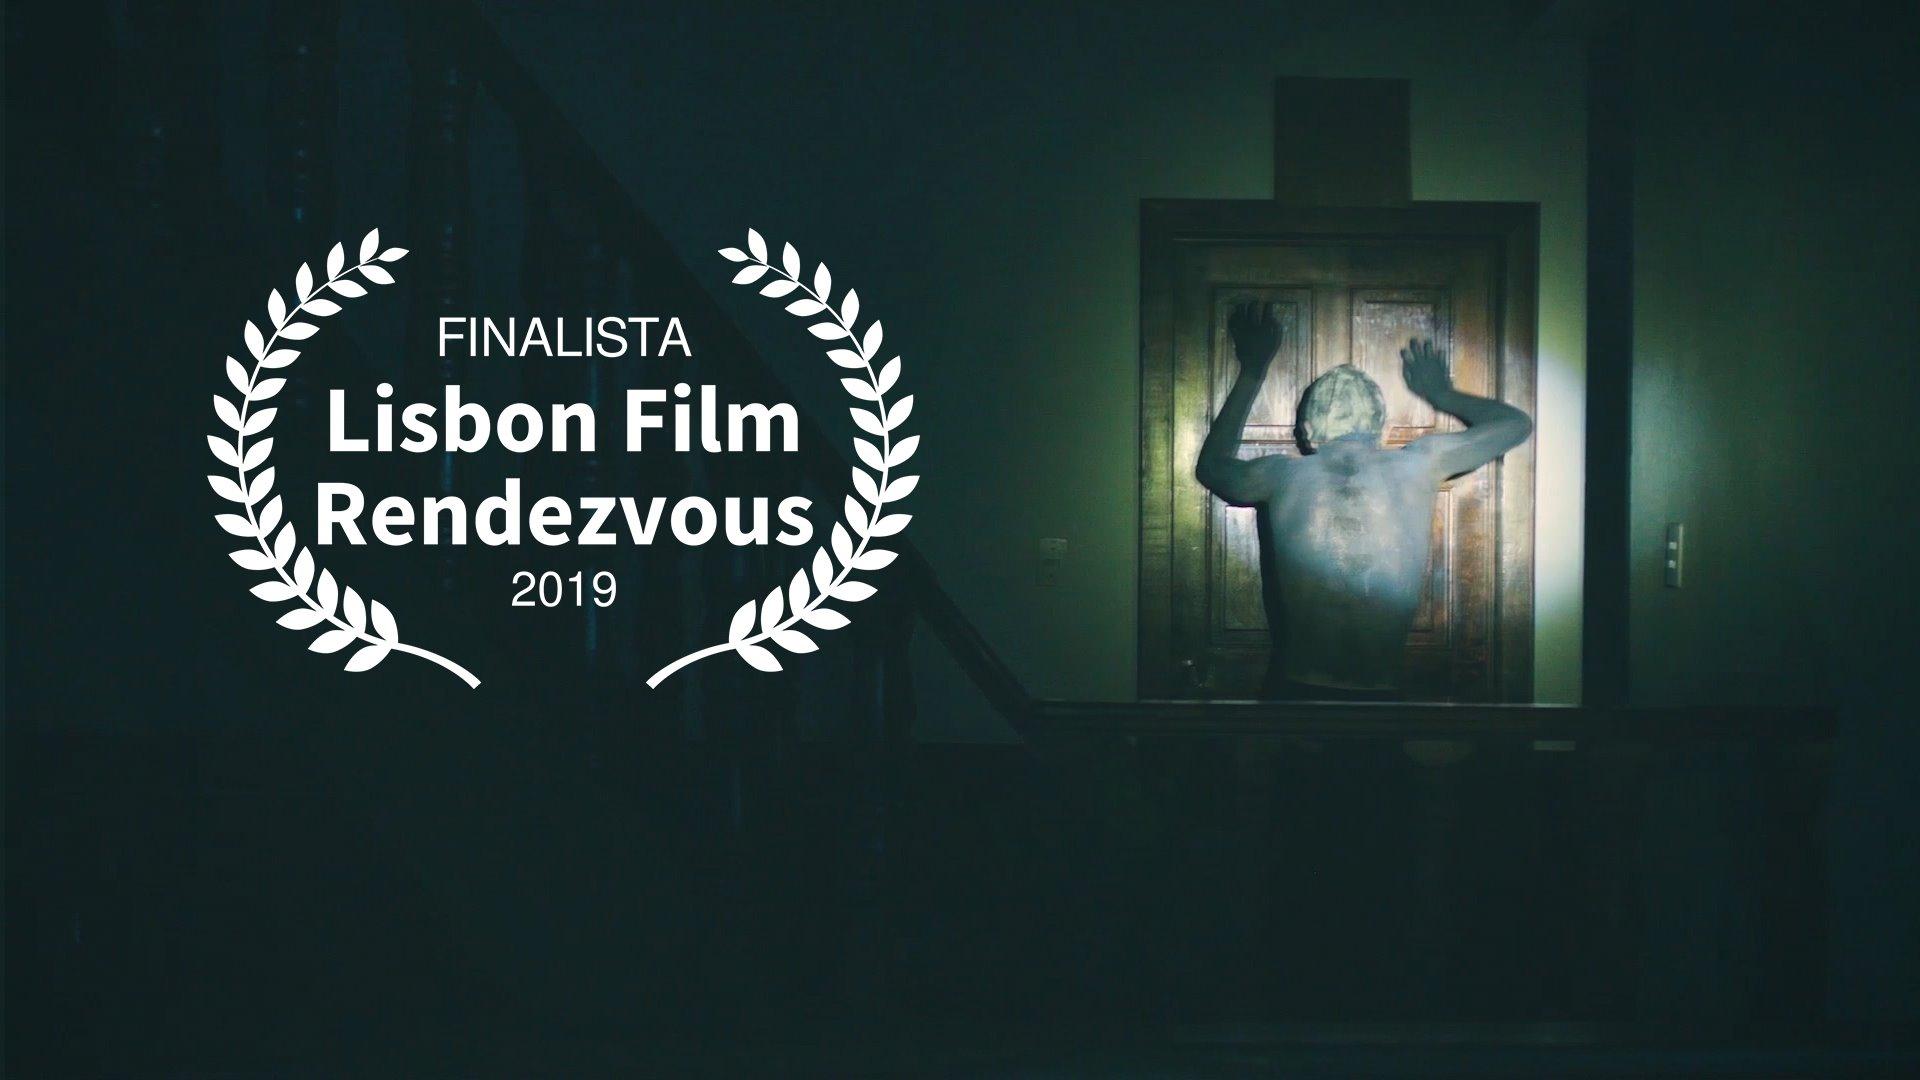 Death Spinner: Cortometraje guatemalteco es finalista en Lisbom Film Rendezvous 2019